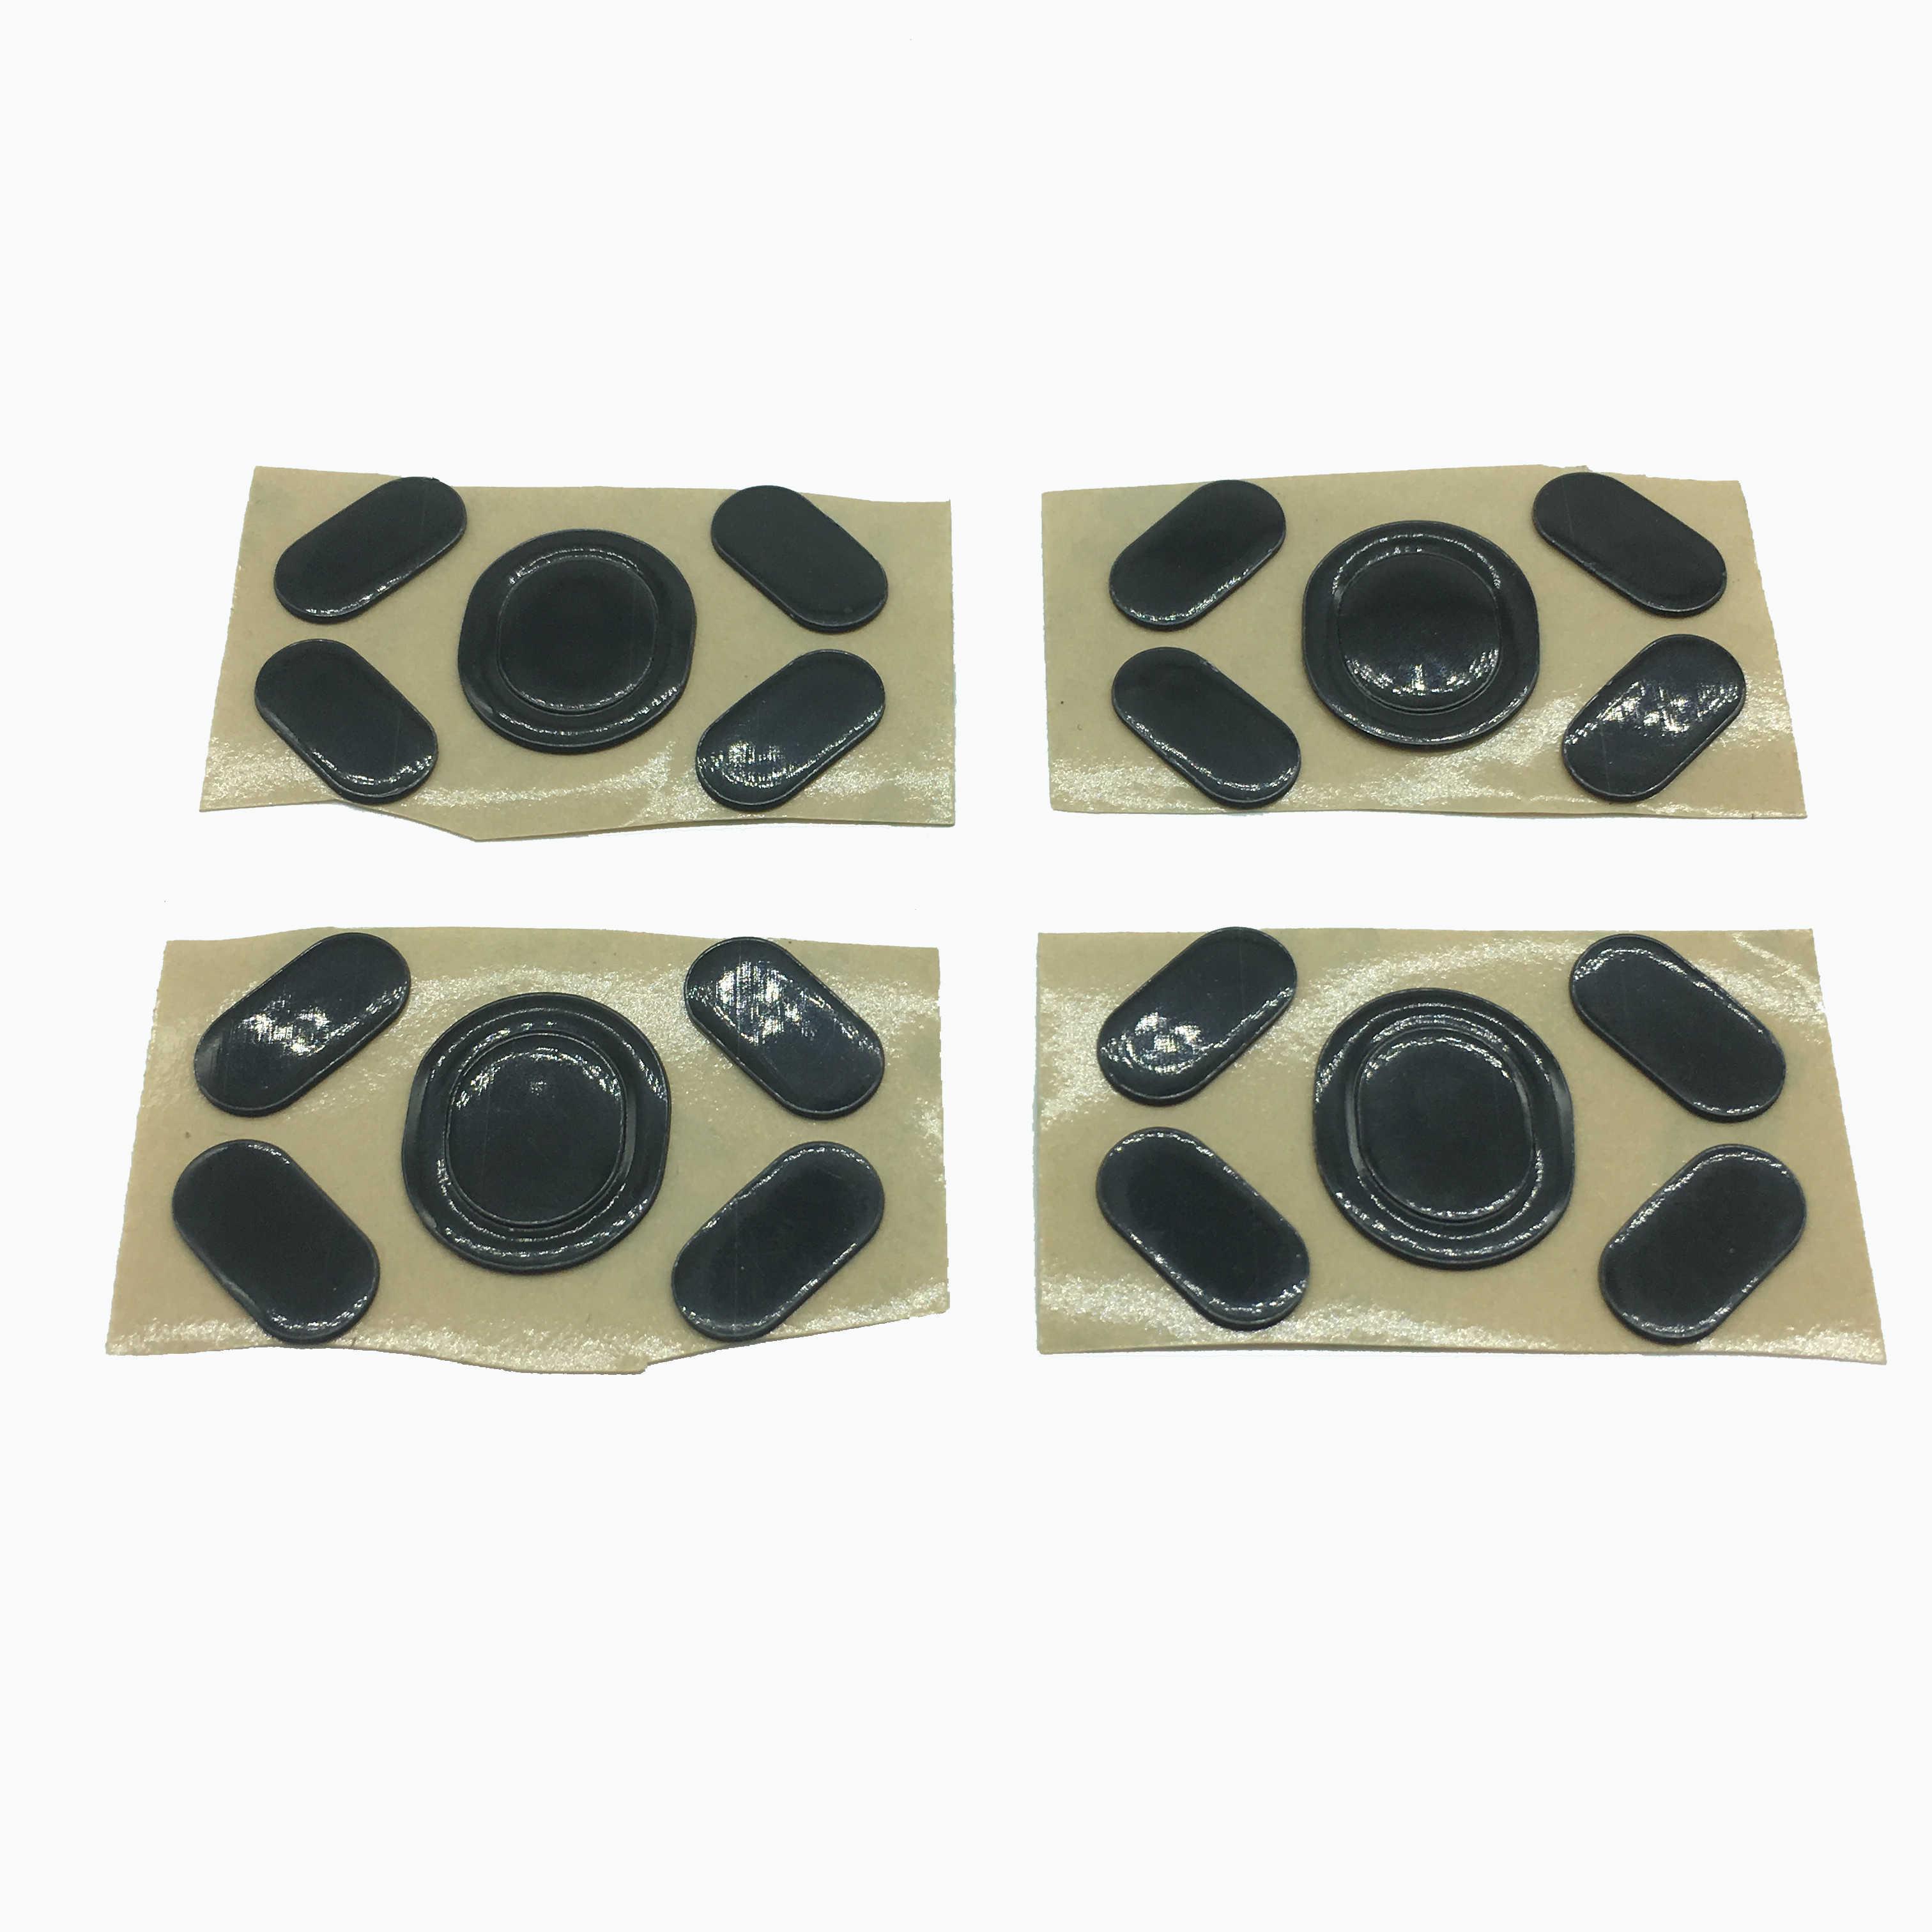 Logitech G102 G Pro Kabel G203 Teflon Penjualan Panas Mouse Kaki Tikus Kaki Mouse Taruhan Kaki Sticker untuk Logitech G102 gaming Mouse